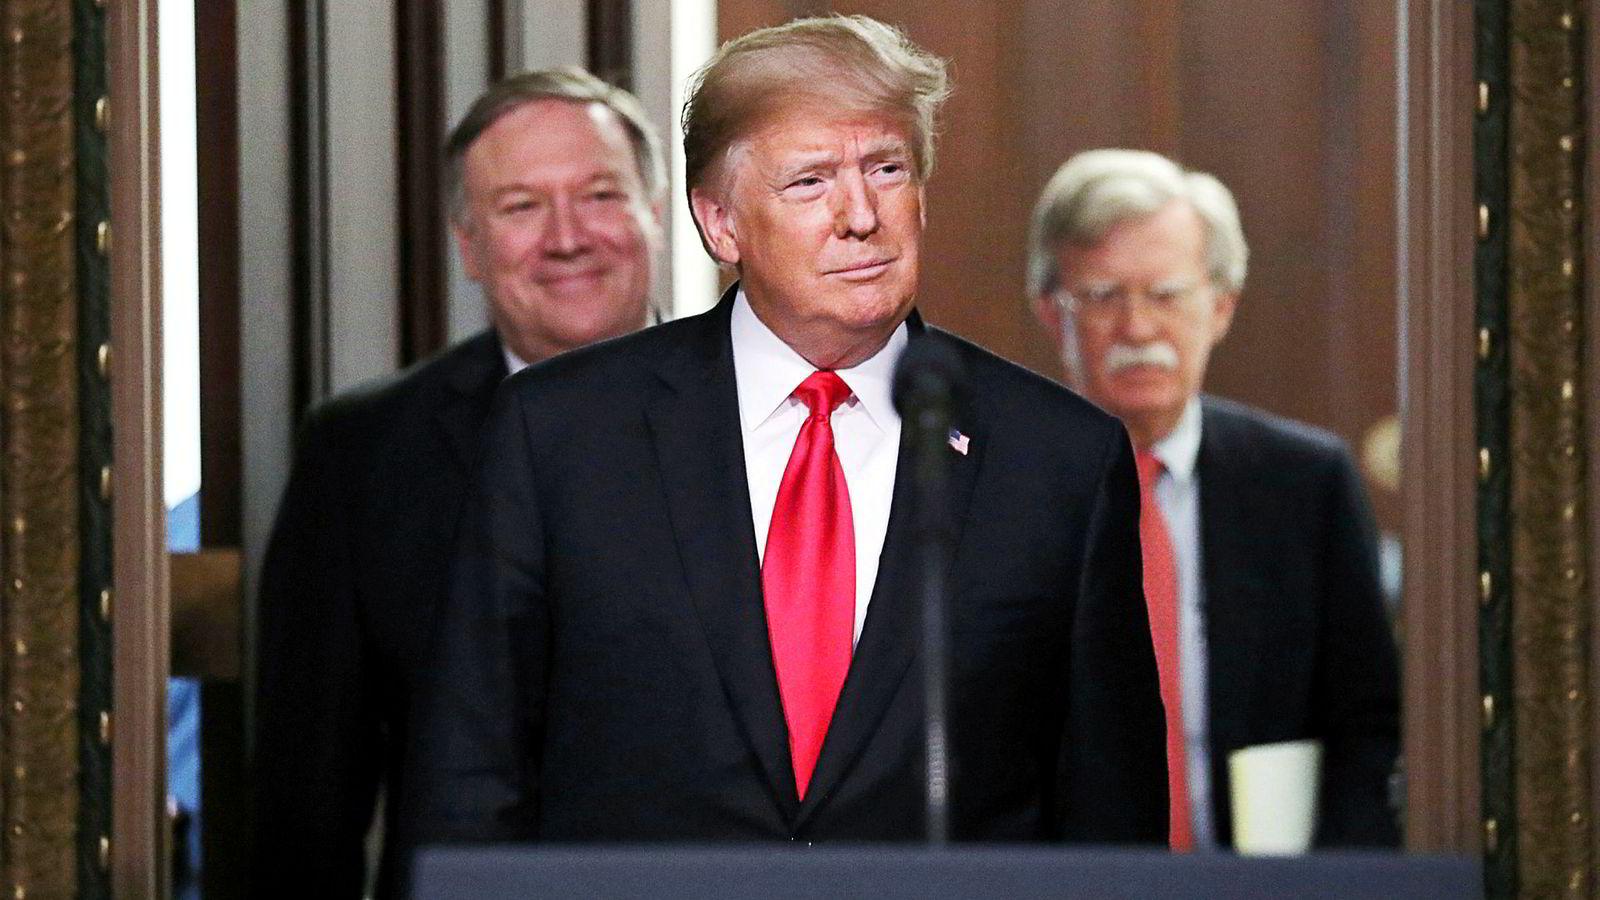 President Donald Trump, utenriksminister Mike Pompeo (til venstre) og nasjonal sikkerhetsrådgiver John Bolton (til høyre) kan måtte håndtere tre kriser om kjernefysiske våpen i løpet av året: en med Nord-Korea, en annen med Iran og en tredje med Russland.